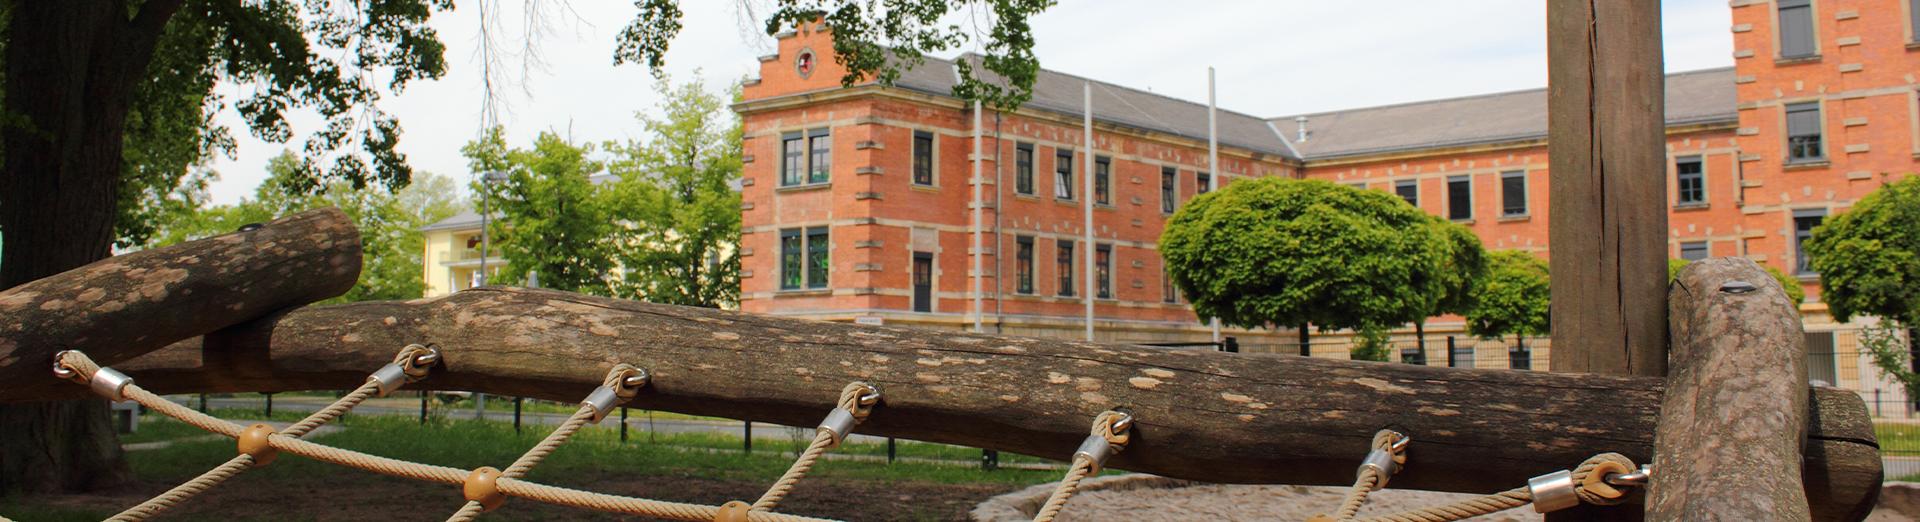 Kletterseil mit Blick auf das Gebäude BRK-Kinderhaus